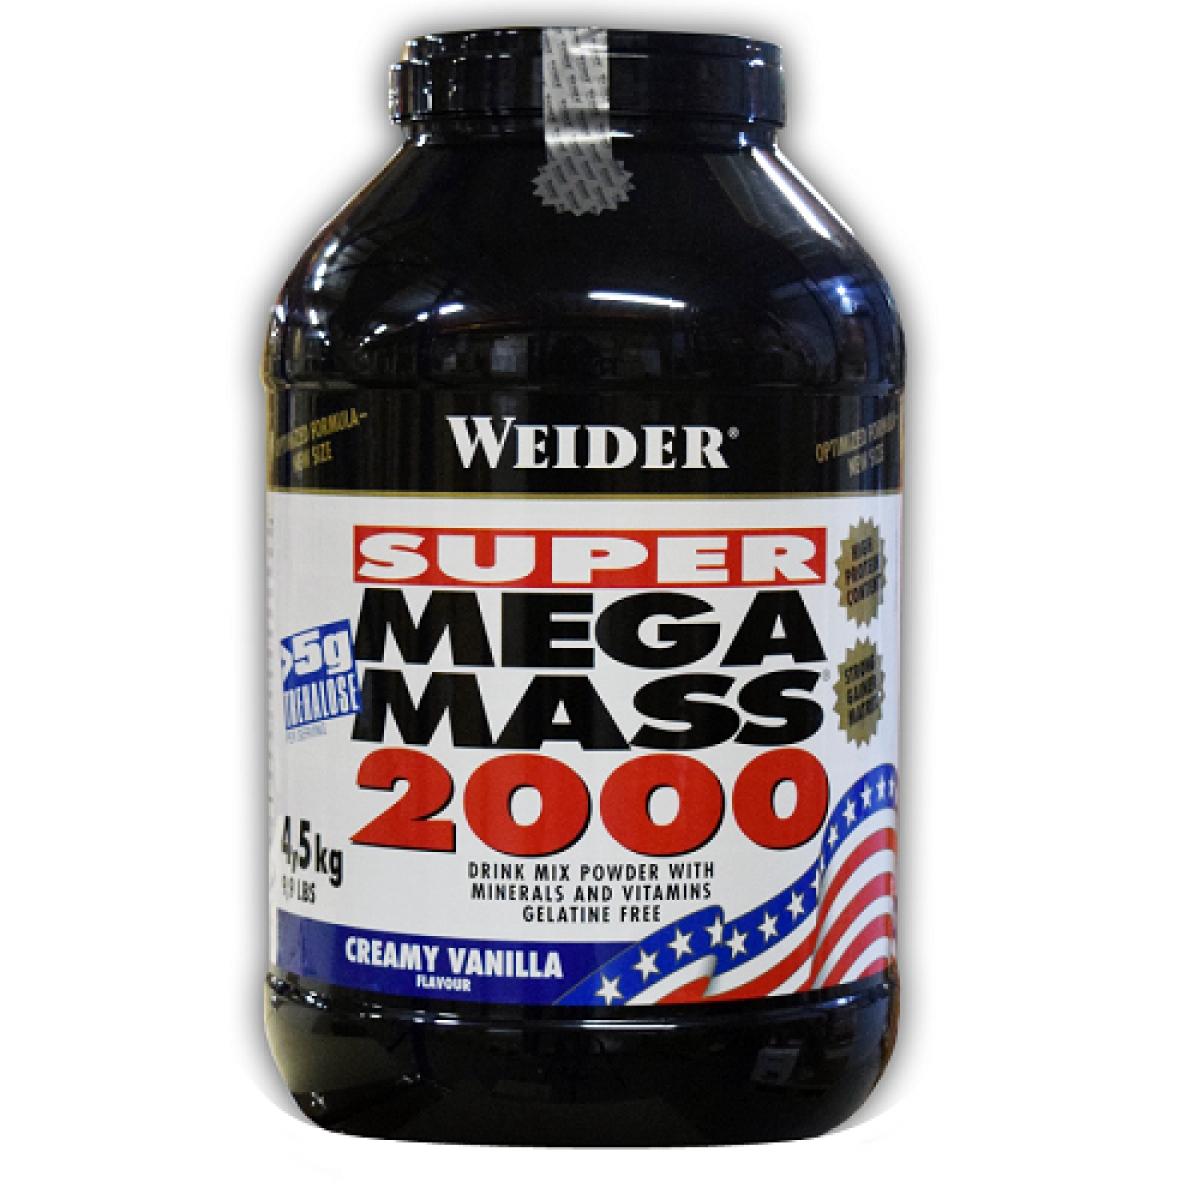 WEIDER MEGA MASS 2000, 4500 Г